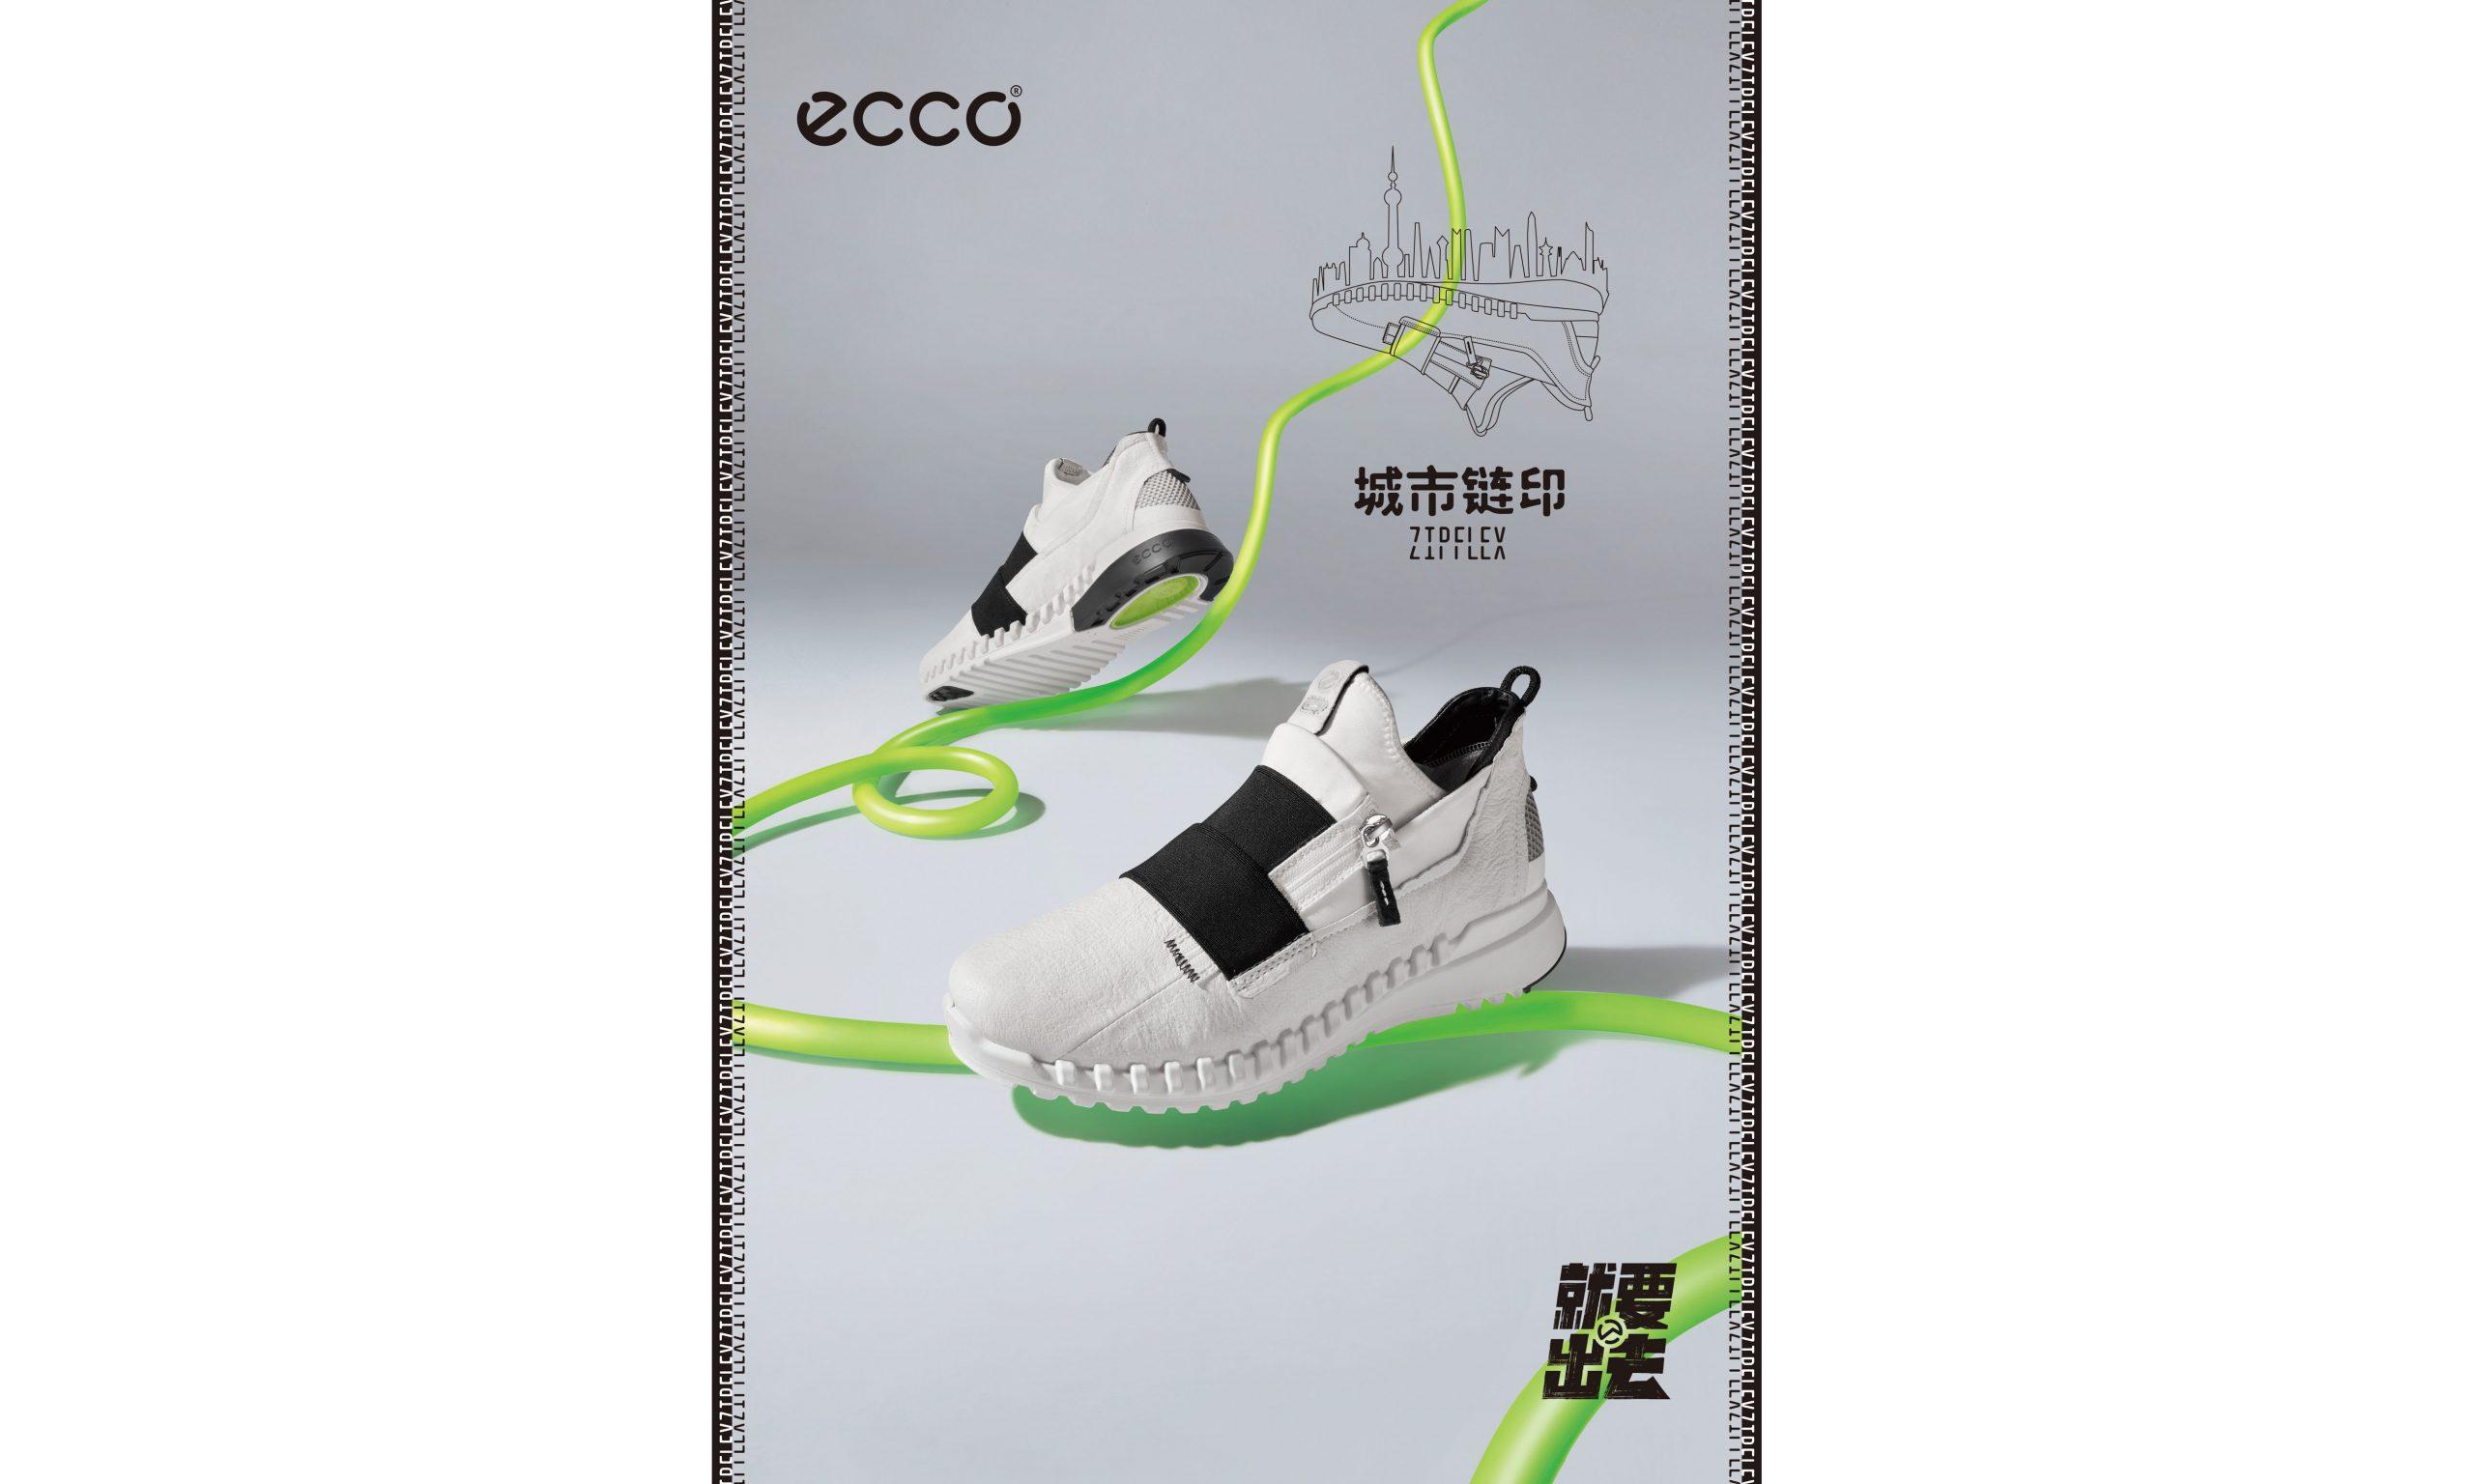 ECCO 发布 ZIPFLEX 酷飞系列